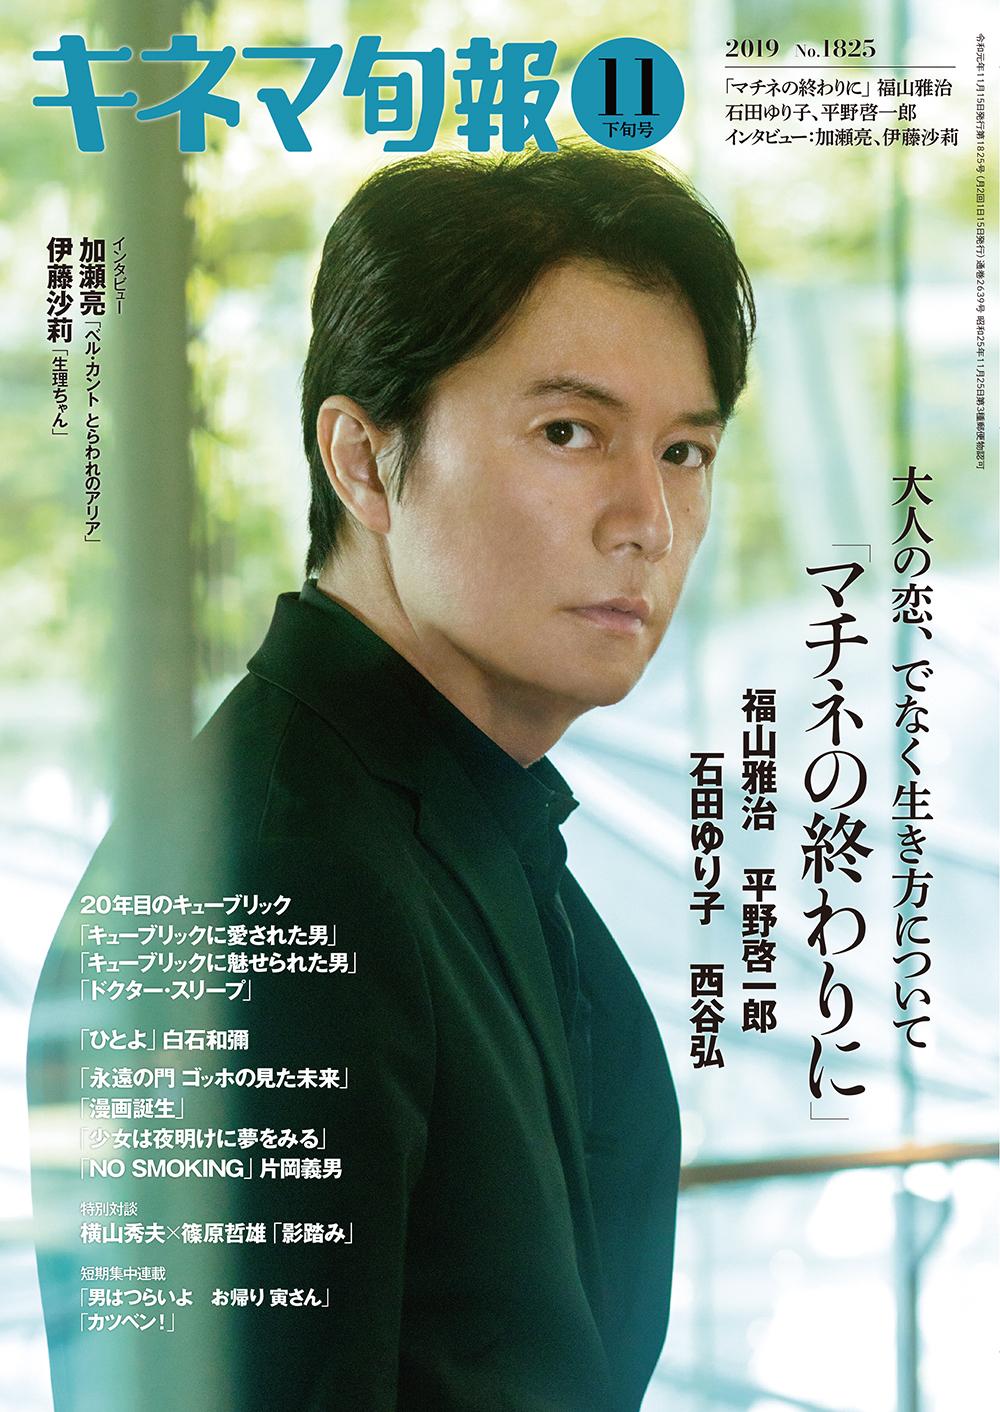 キネマ旬報 2019年11月下旬号 No.1825